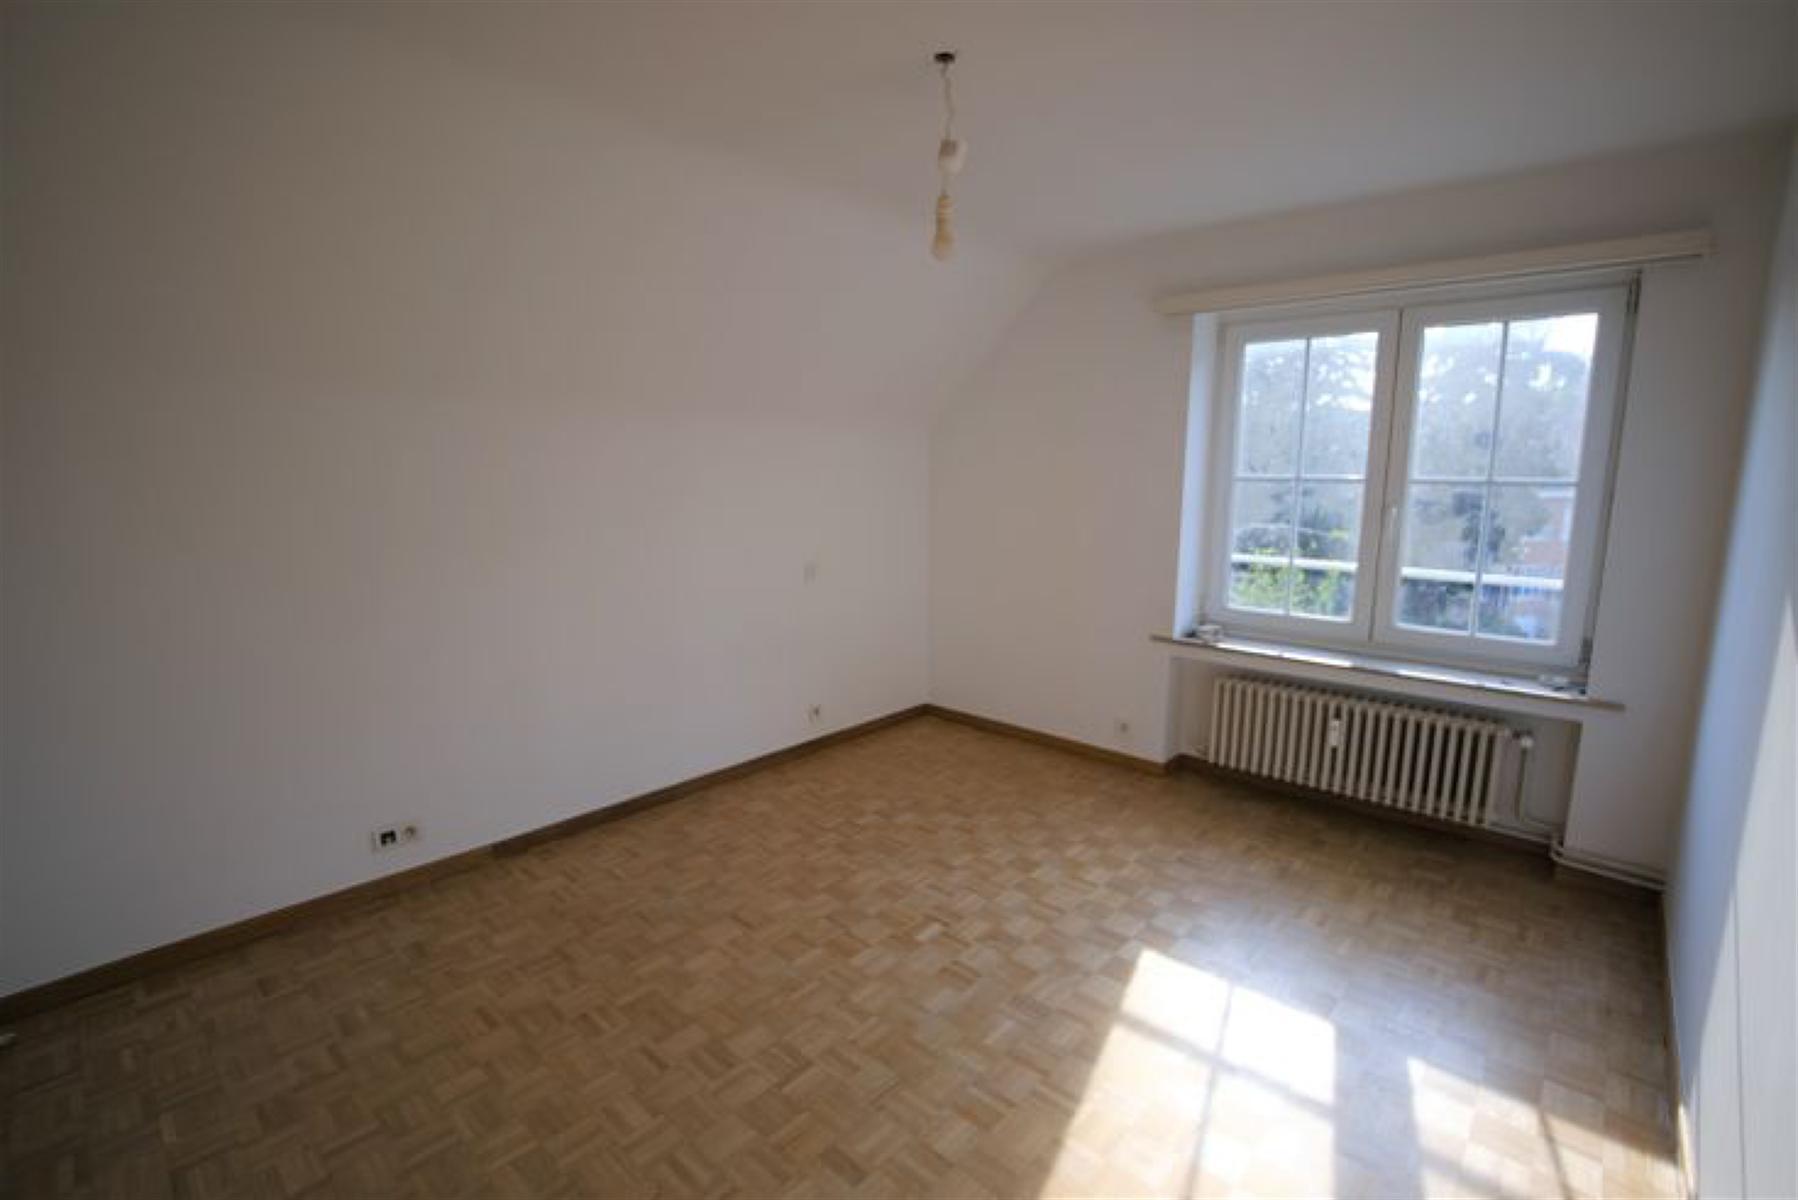 Appartement - Woluwe-Saint-Pierre - #4520815-5